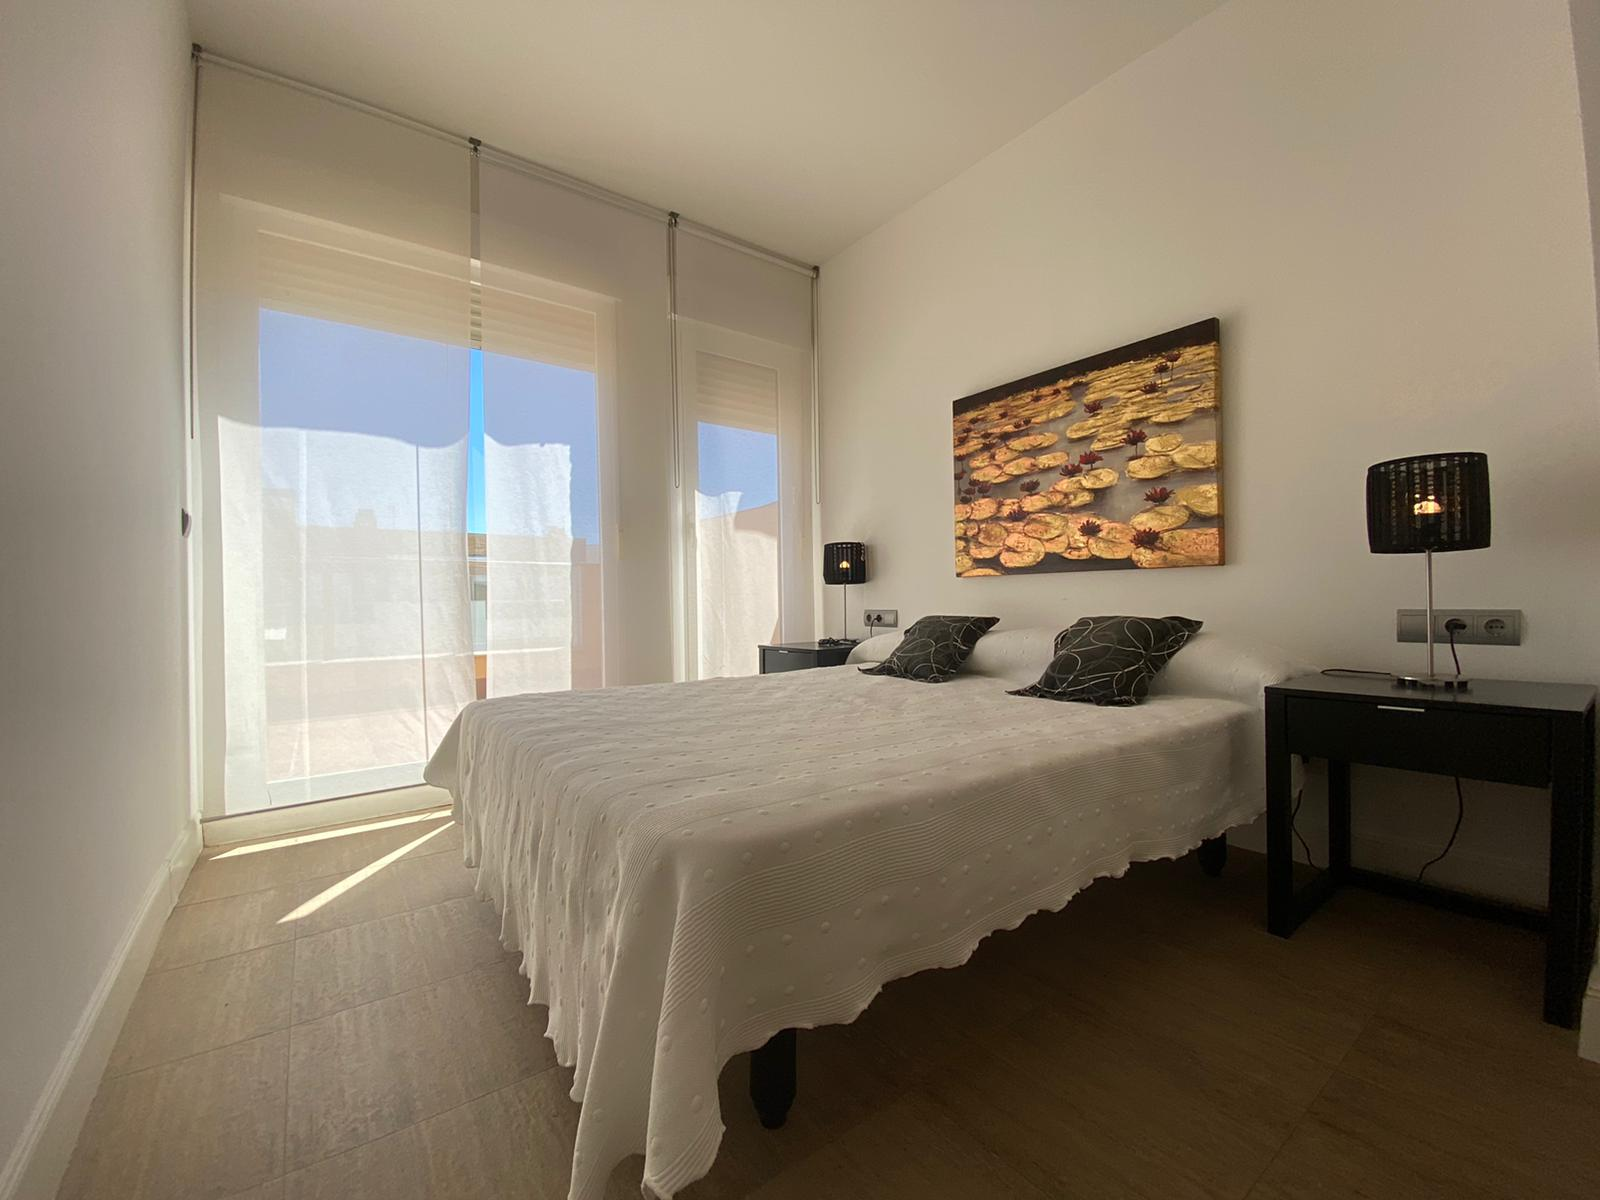 Imagen 7 del Apartamento Turístico, Ático 7 Poniente (3d+2b), Punta del Moral (HUELVA), Paseo de la Cruz nº22